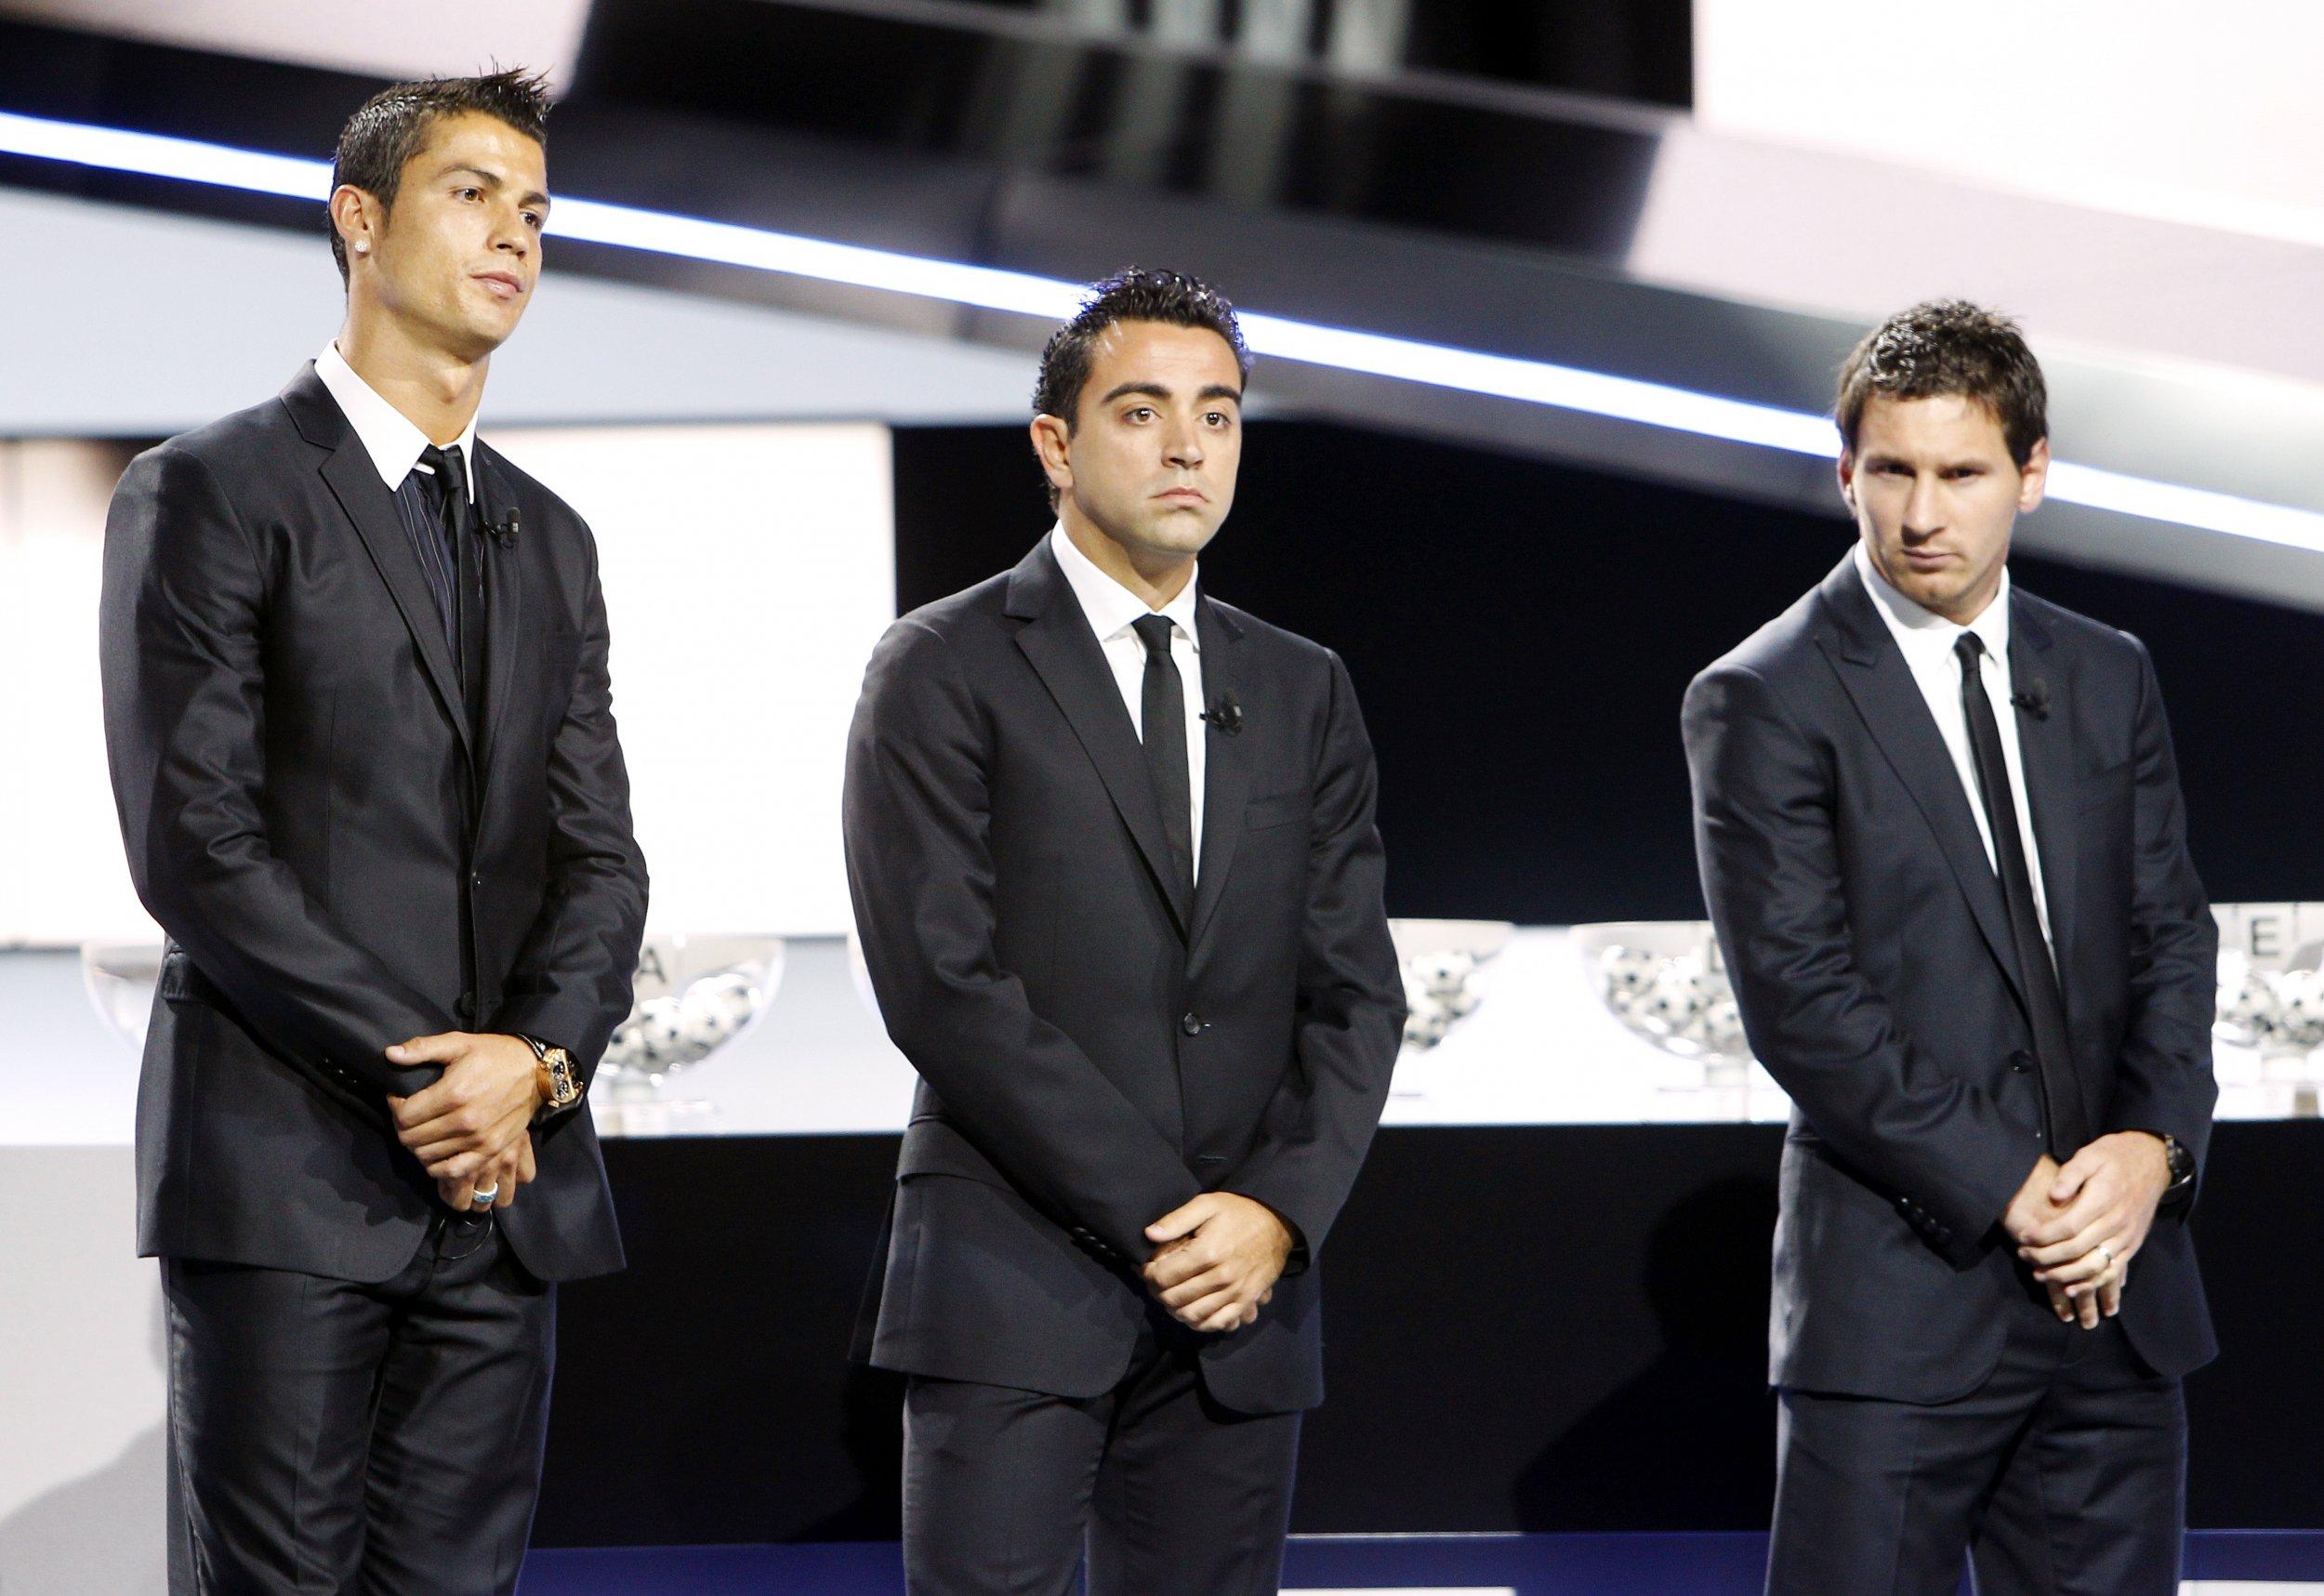 Cristiano Ronaldo, left, Xavi Hernandez, centre, and Lionel Messi in Monaco, August 2011.